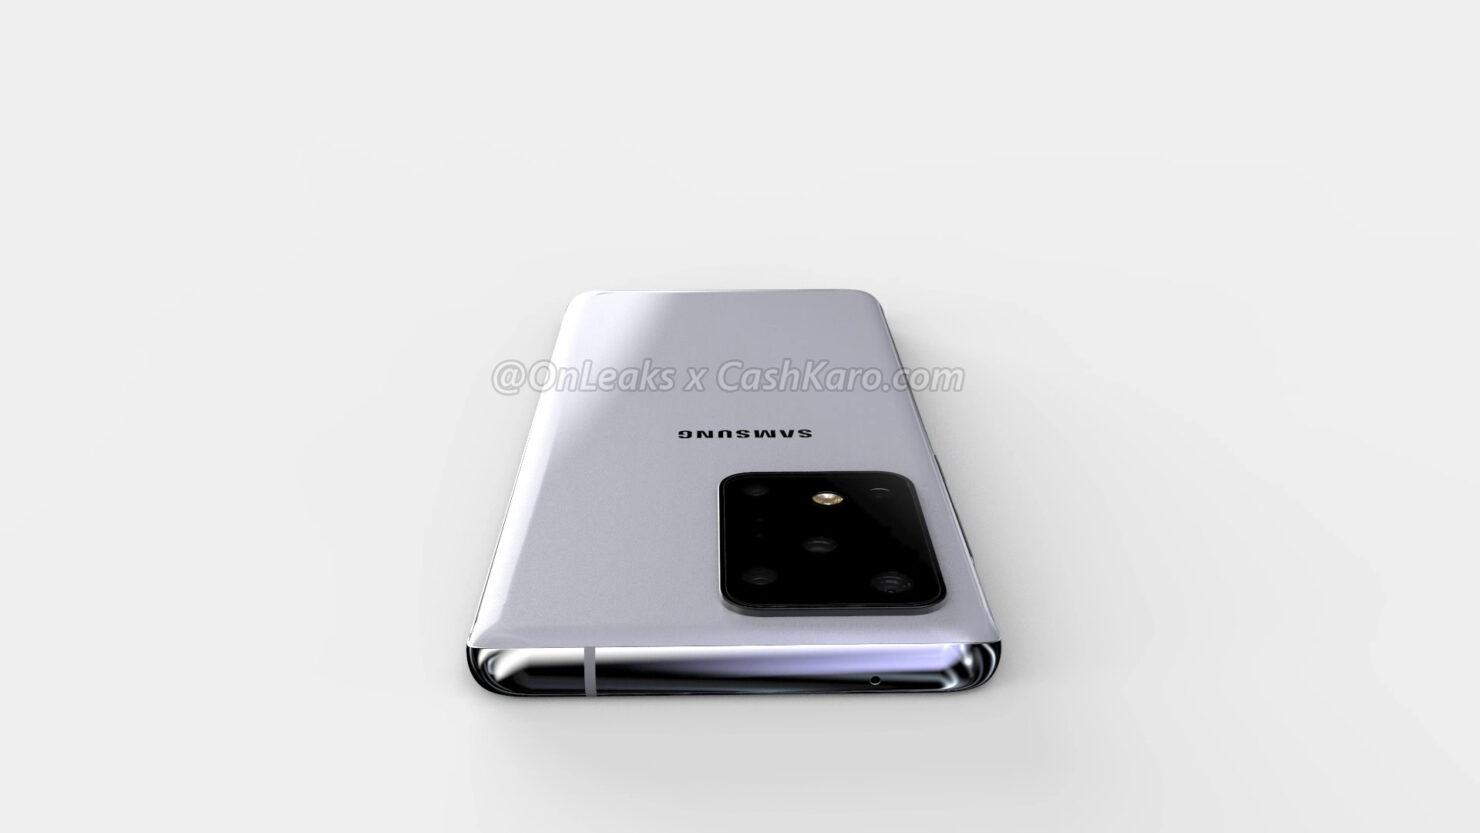 تسريب عن Galaxy S11 Plus من ناحية التصميم وحجم الشاشة والكاميرا 1